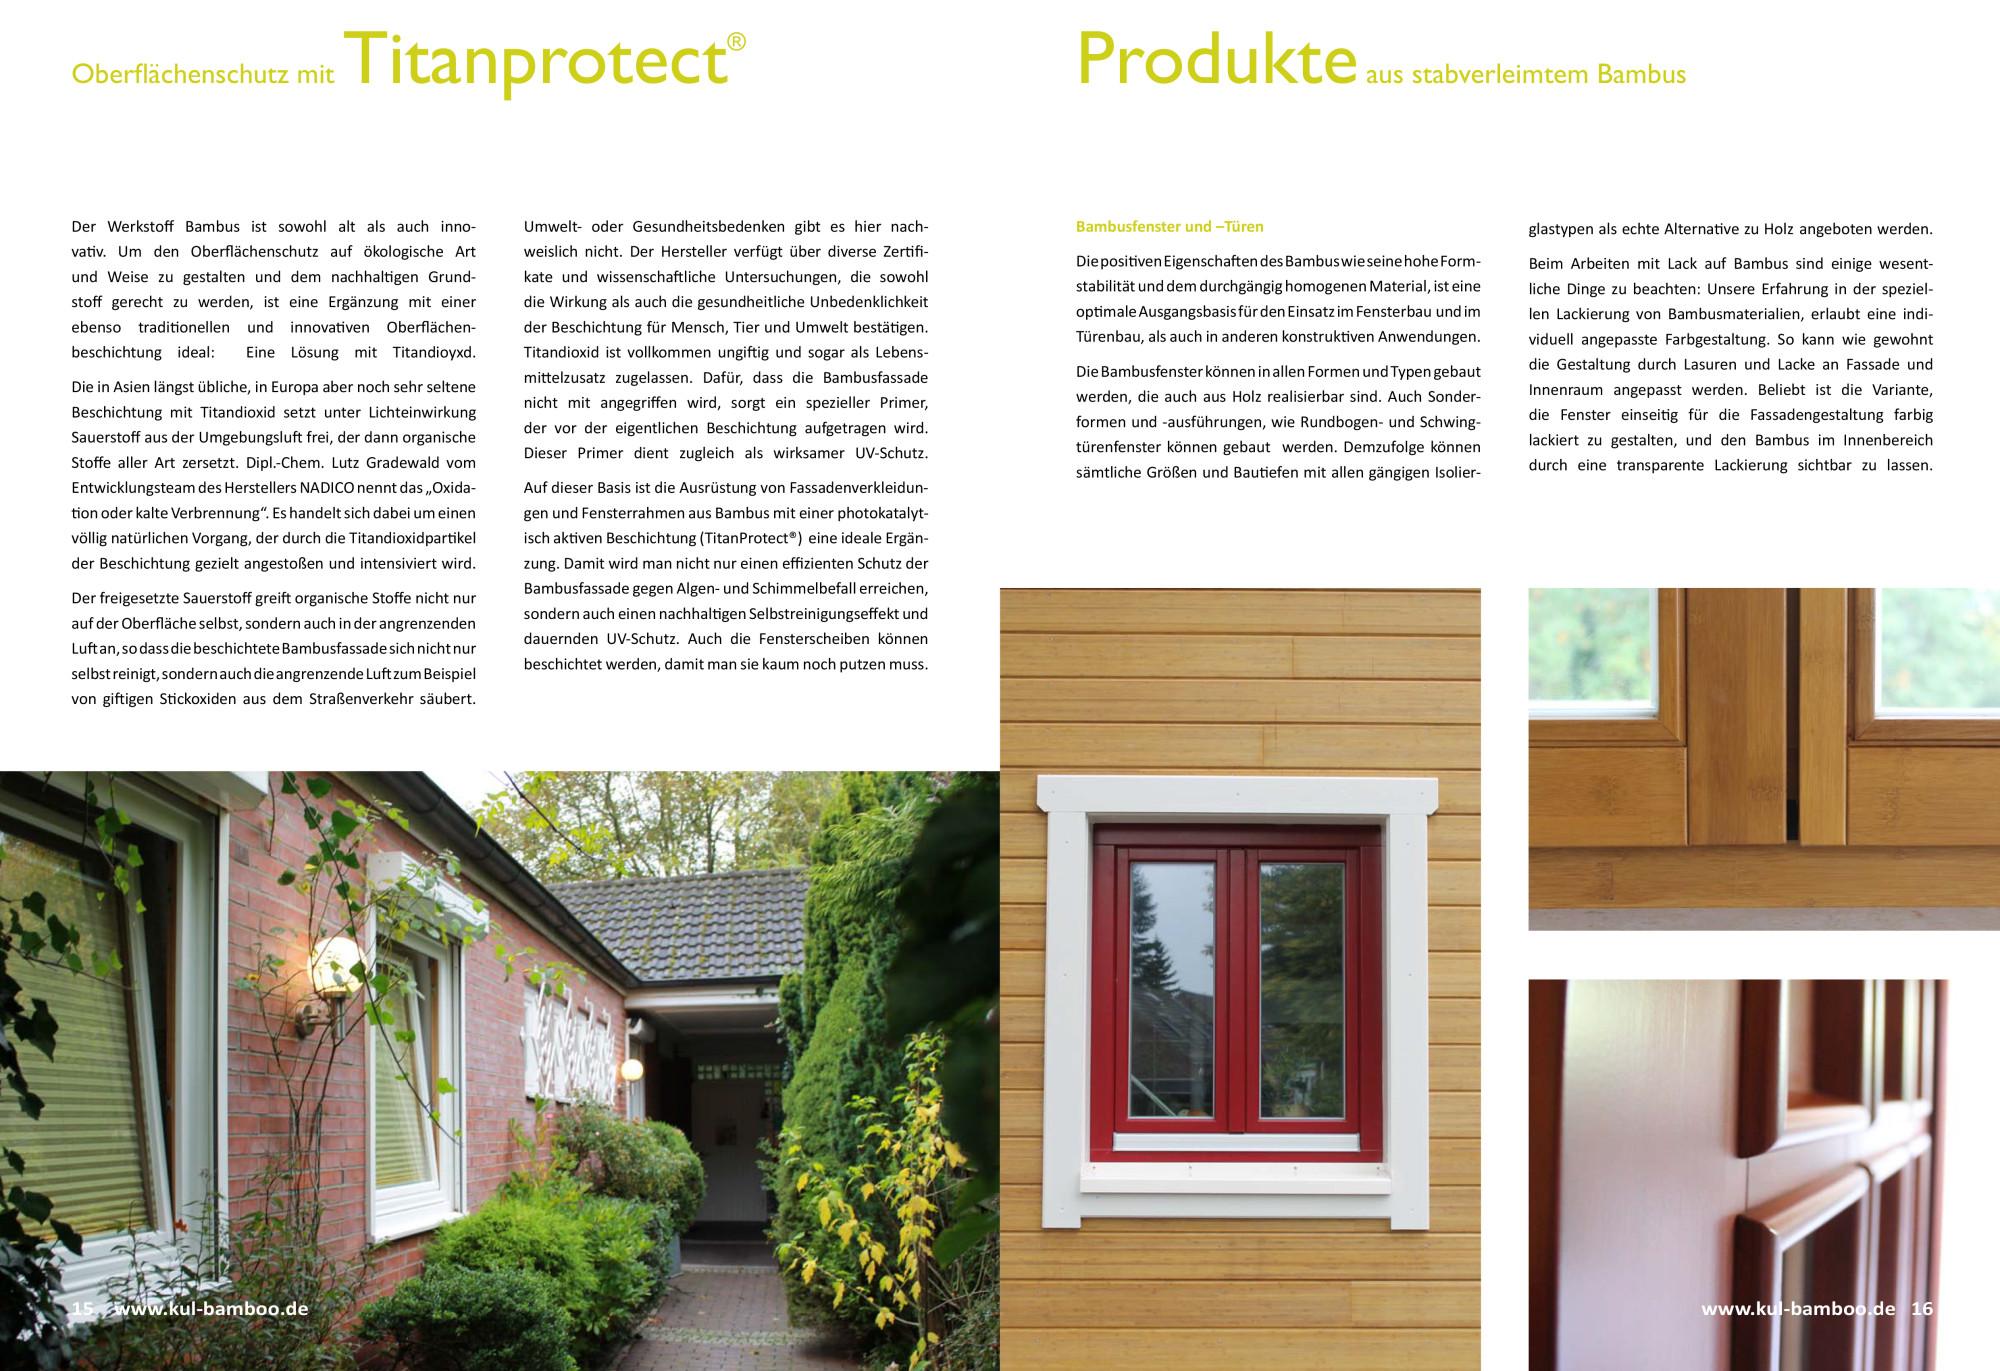 bauen mit bambus nachhaltig bauen news archiv baunetz wissen. Black Bedroom Furniture Sets. Home Design Ideas